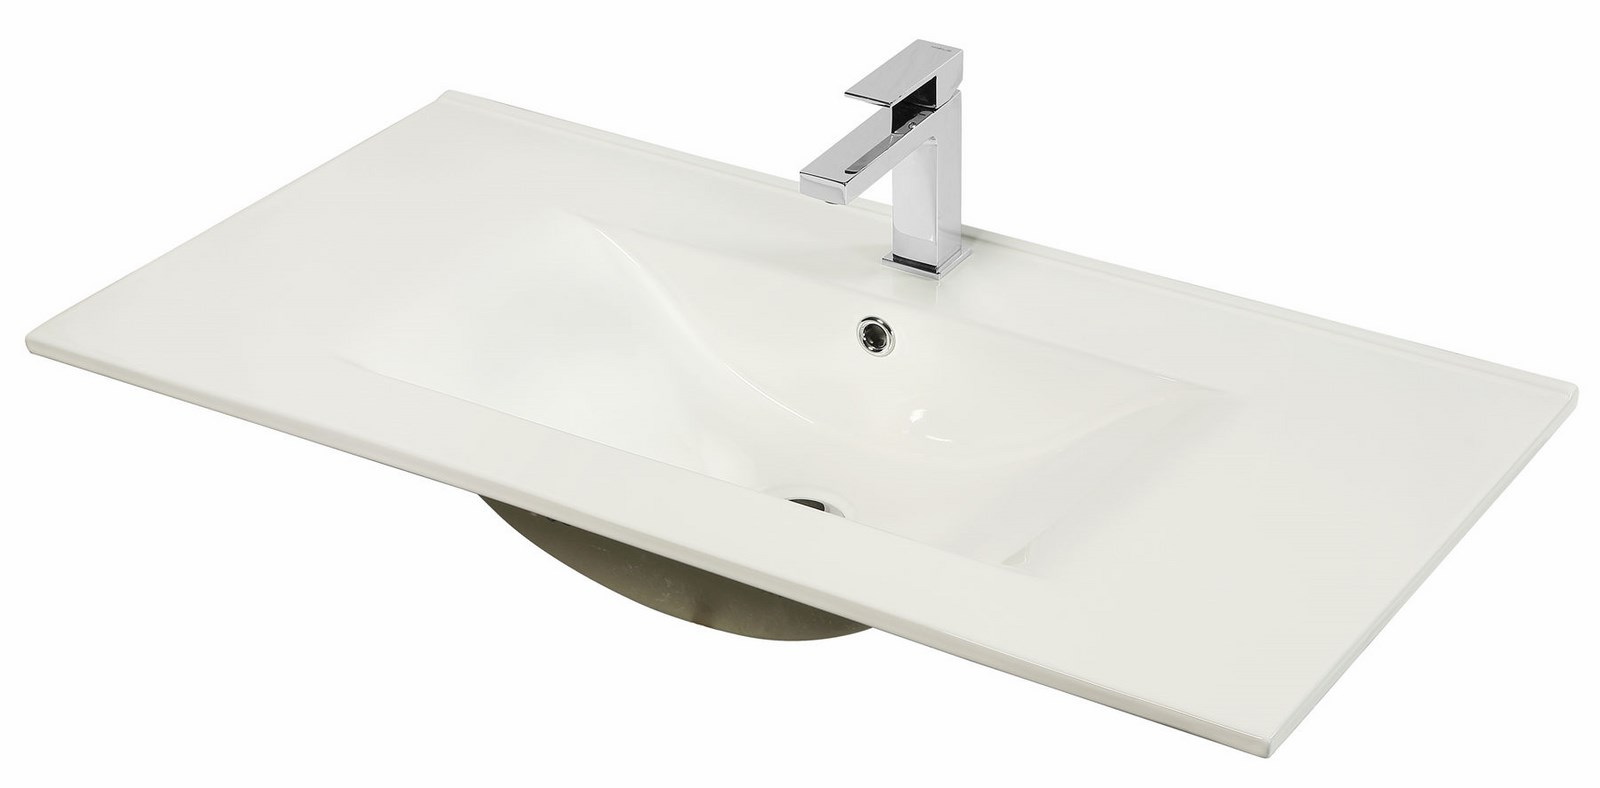 Meuble Salle De Bain Discac Rivage ~ meuble salle de bain discac meubles salle de bains discac plan